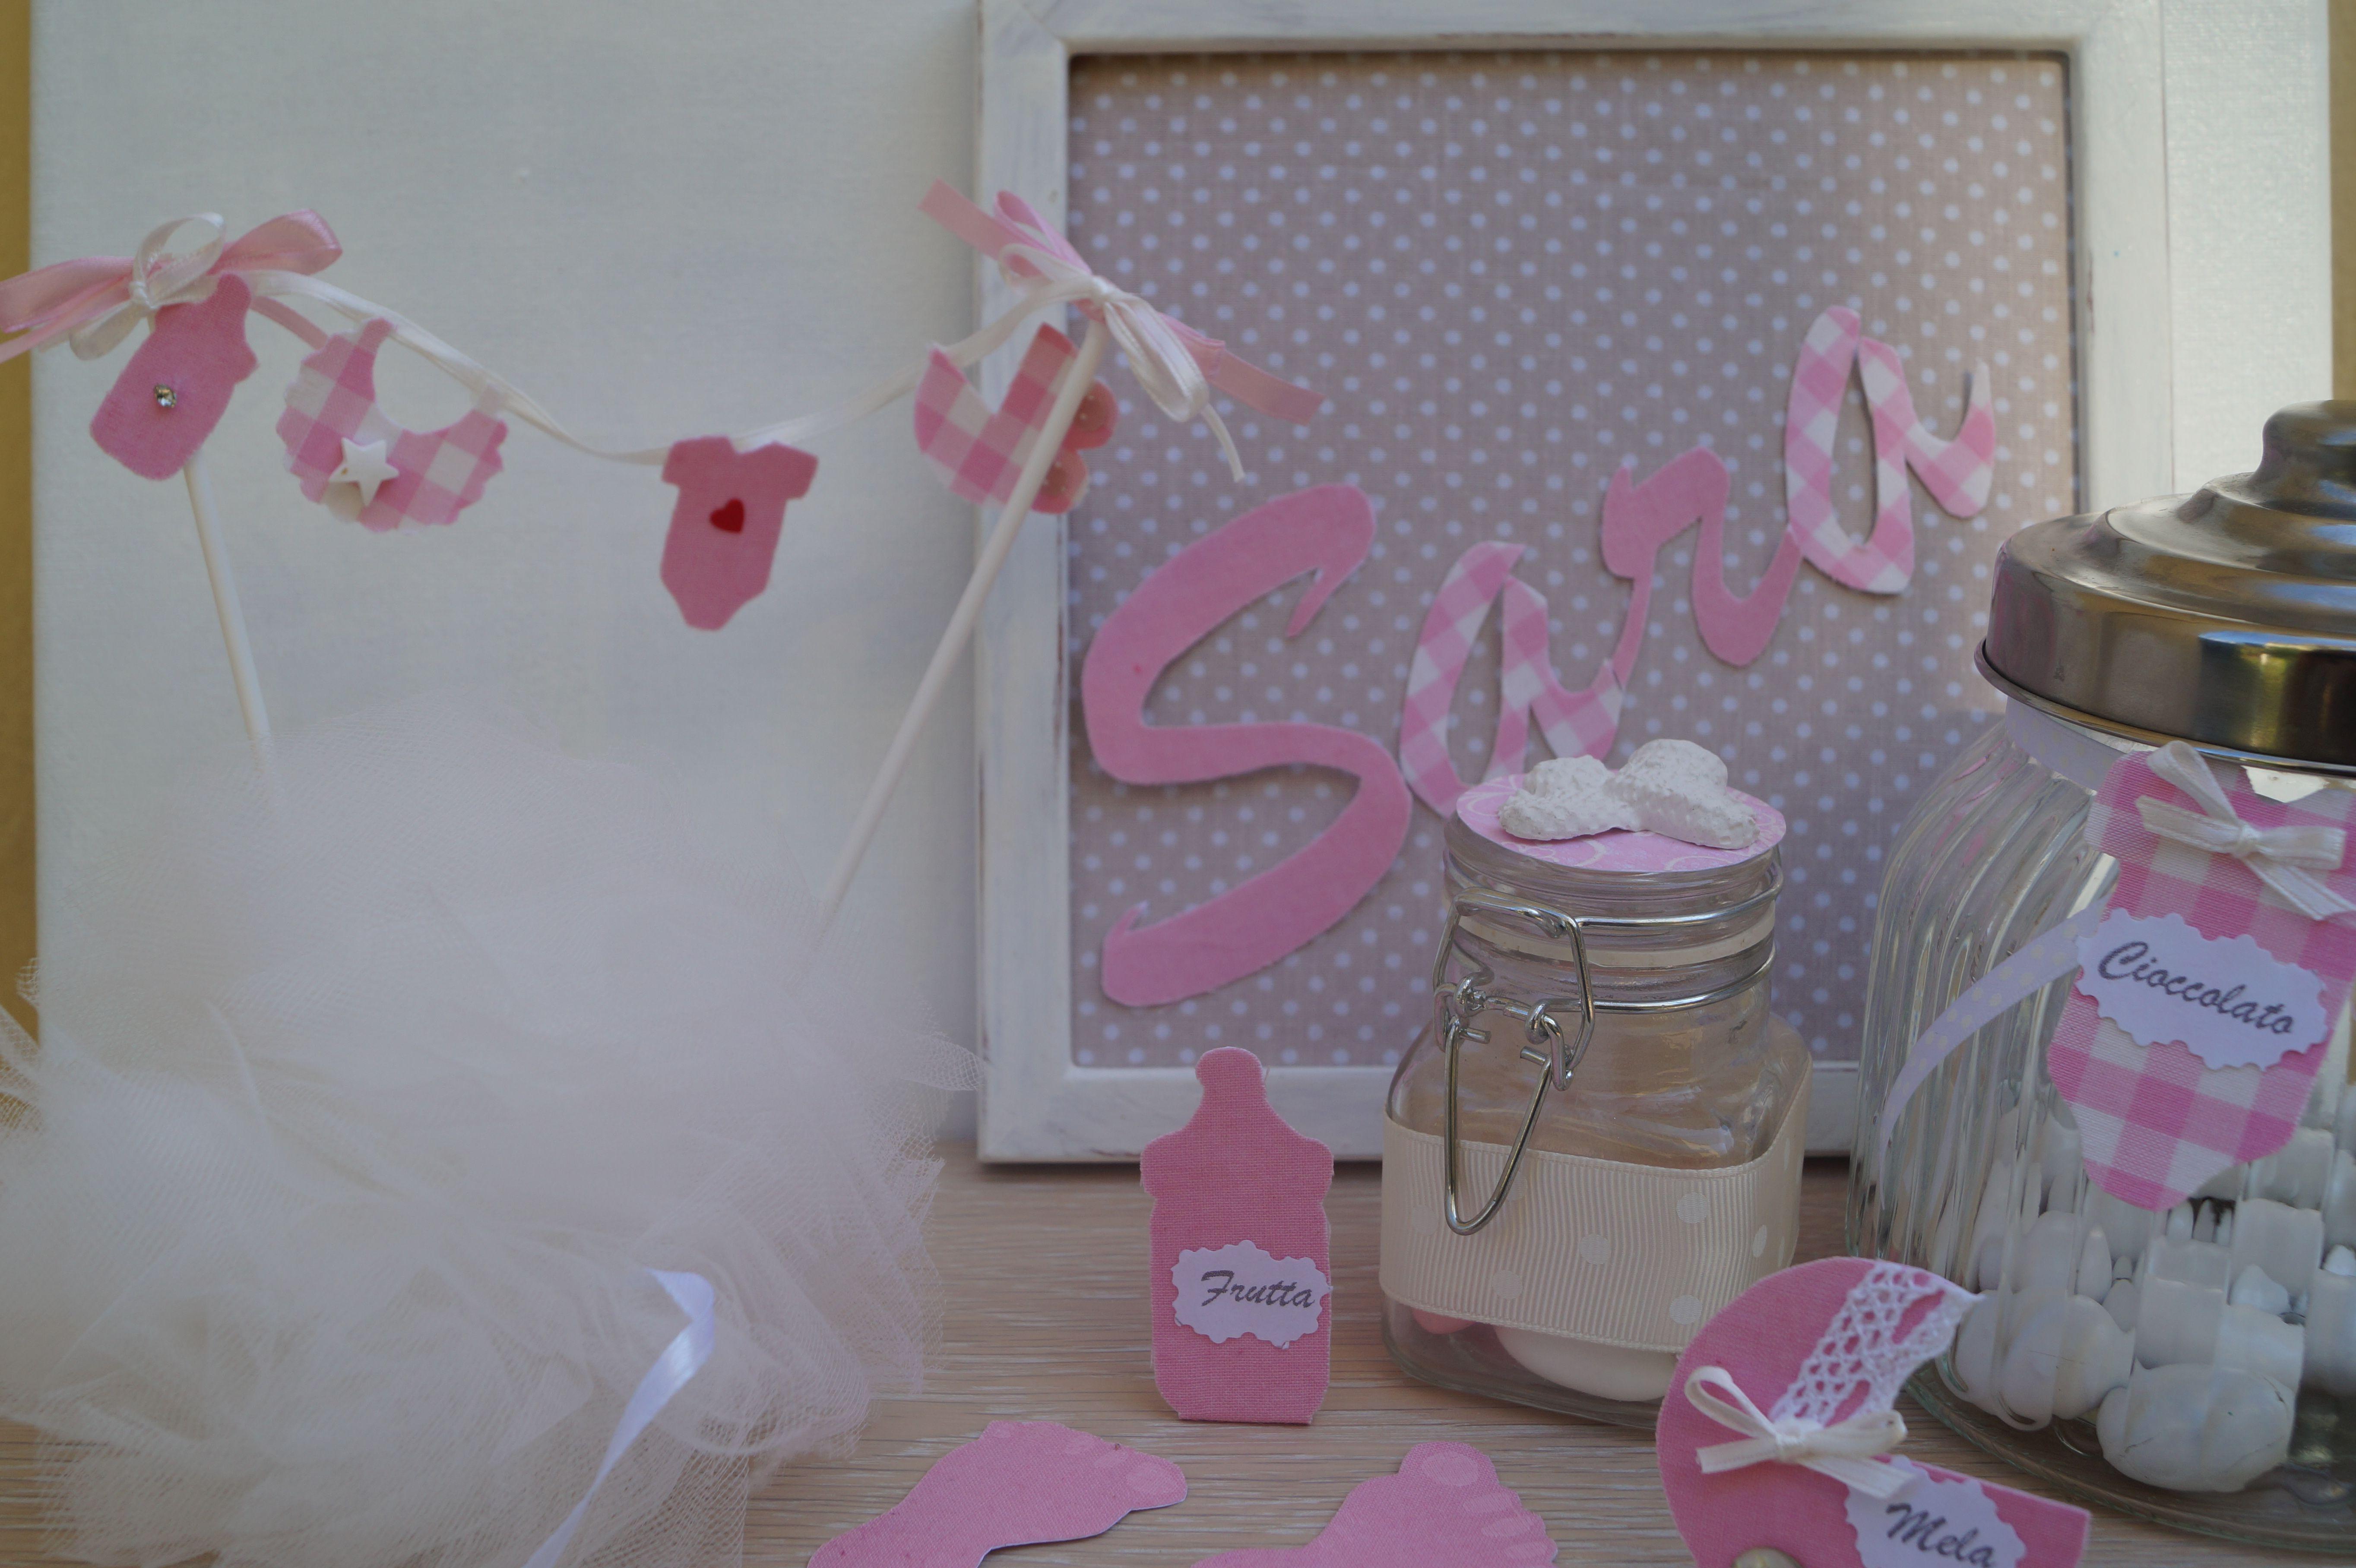 Decorazioni battesimo cake topper per torta scritta bimba tag per confetti bomboniera - Decorazioni per battesimo bimba ...